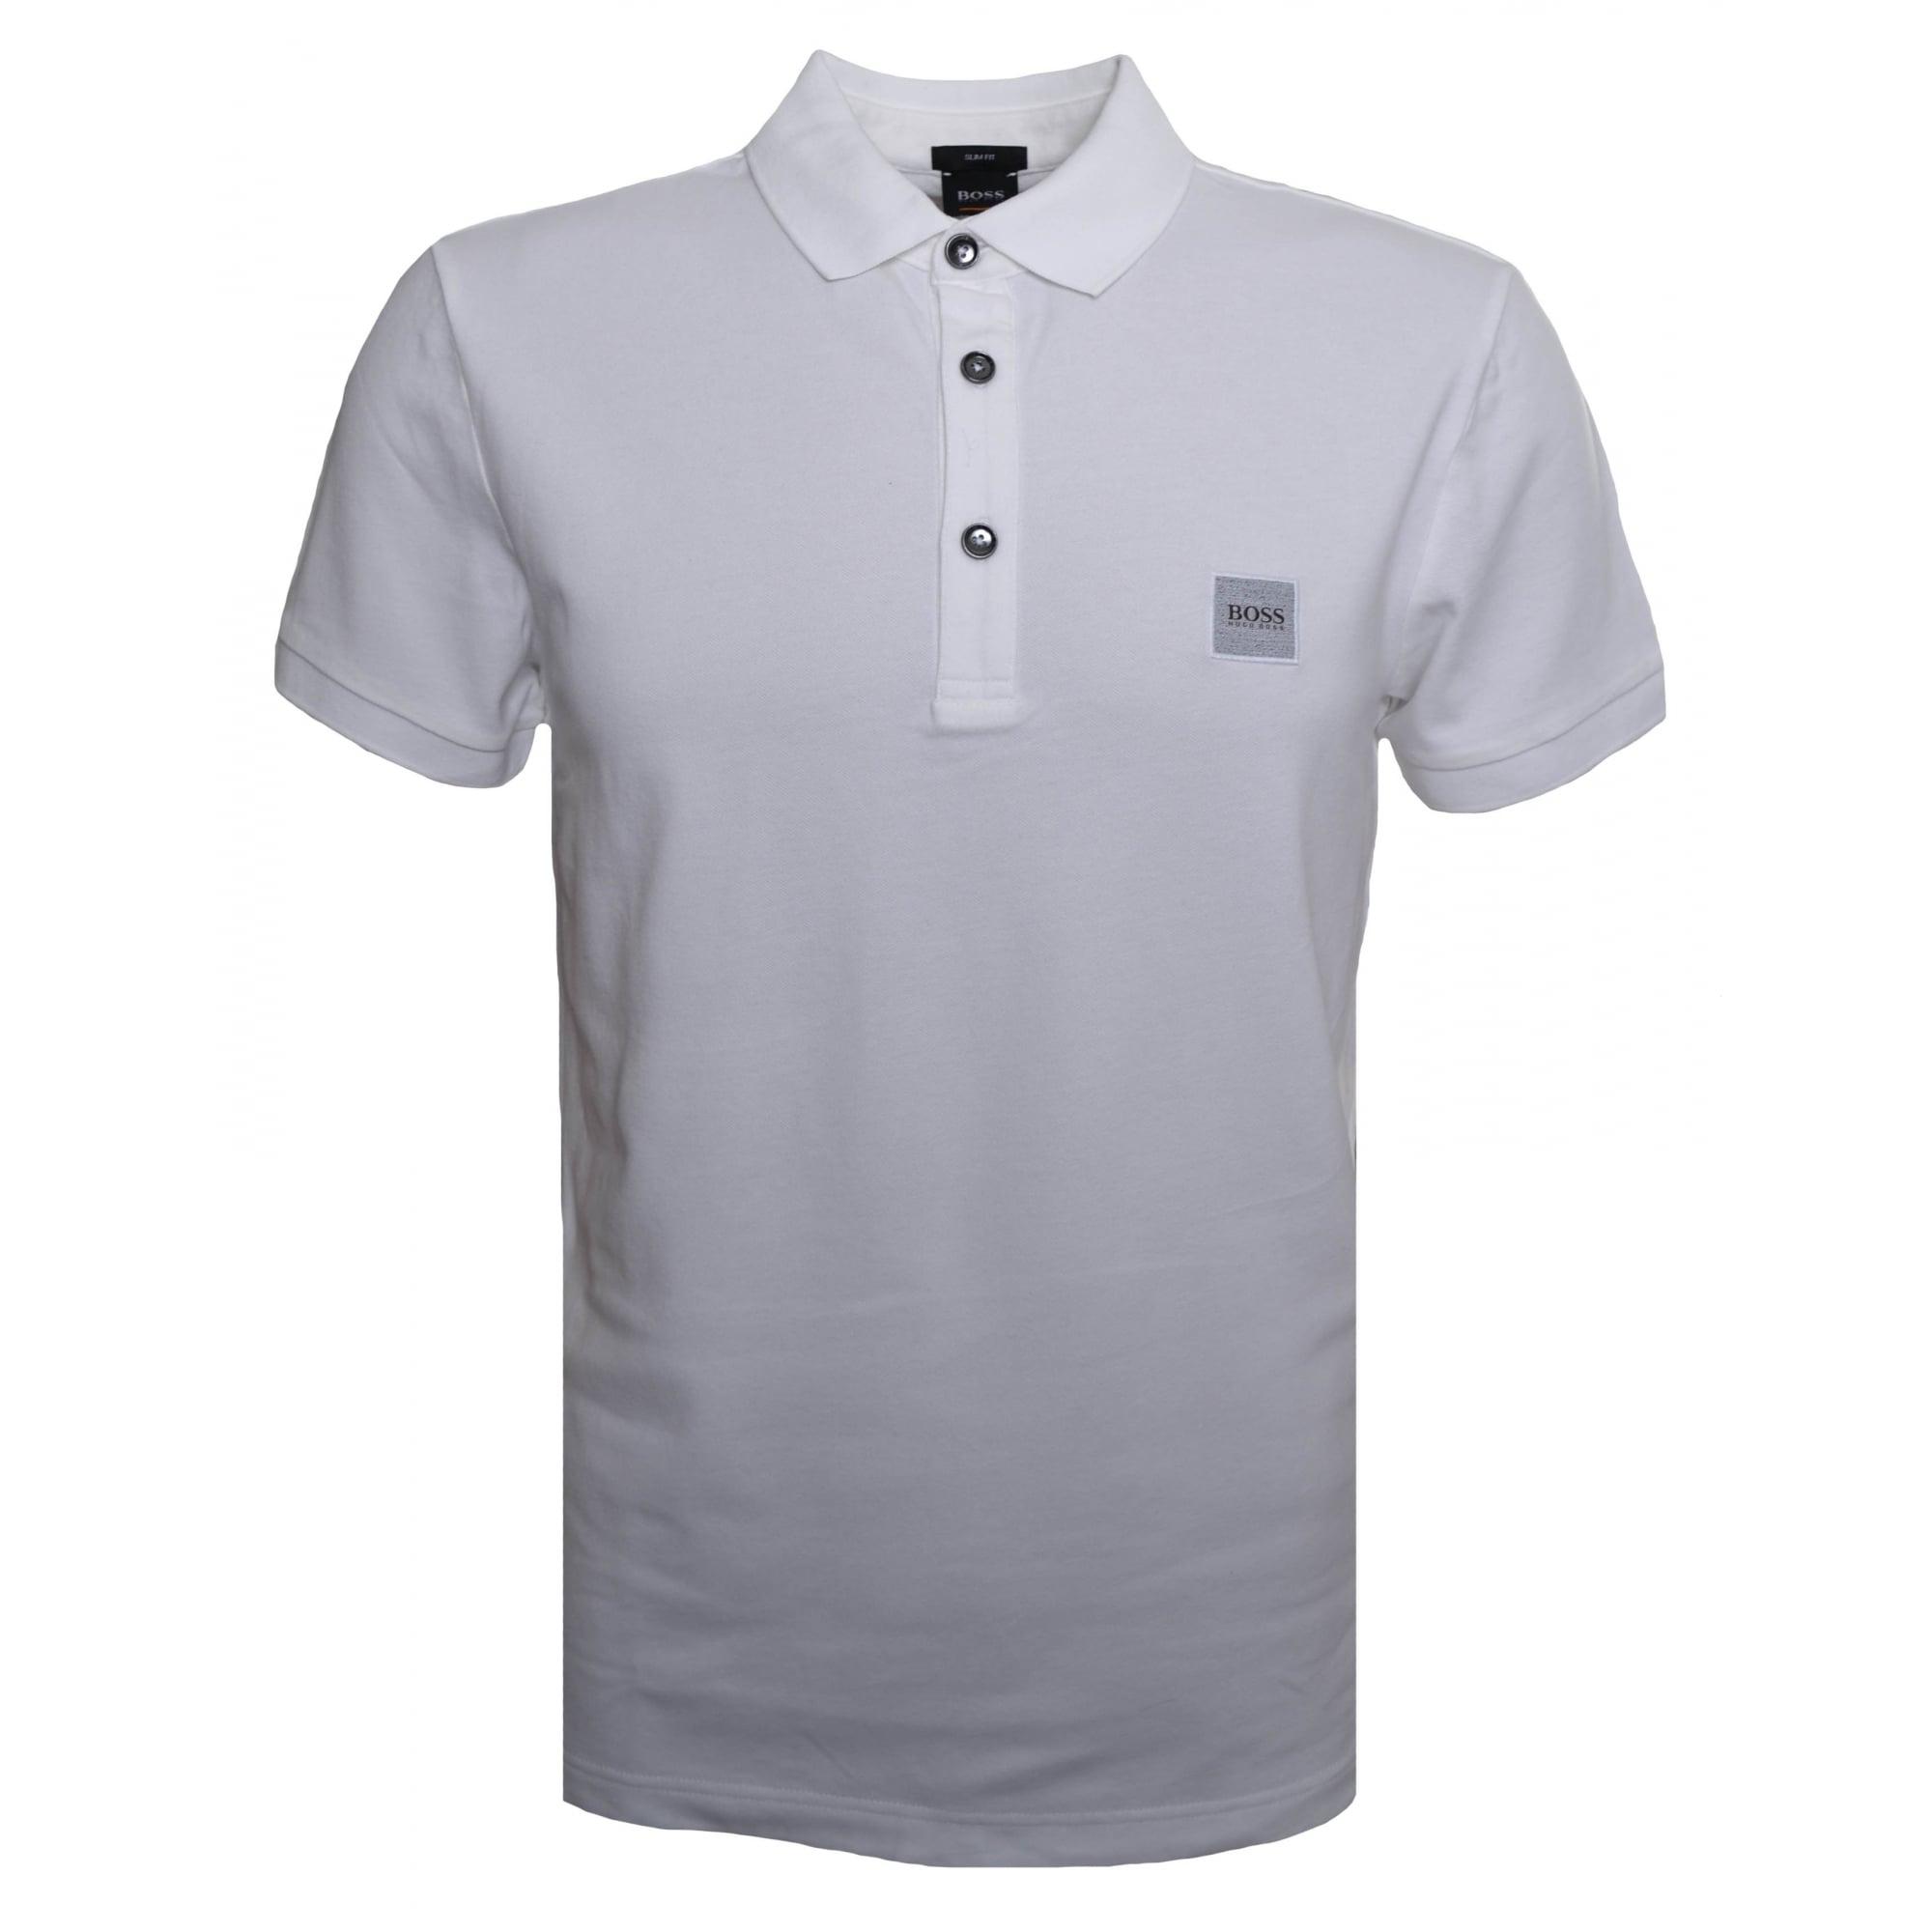 Hugo Boss Casual Hugo Boss Casual Men's Passenger Slim Fit White Polo Shirt